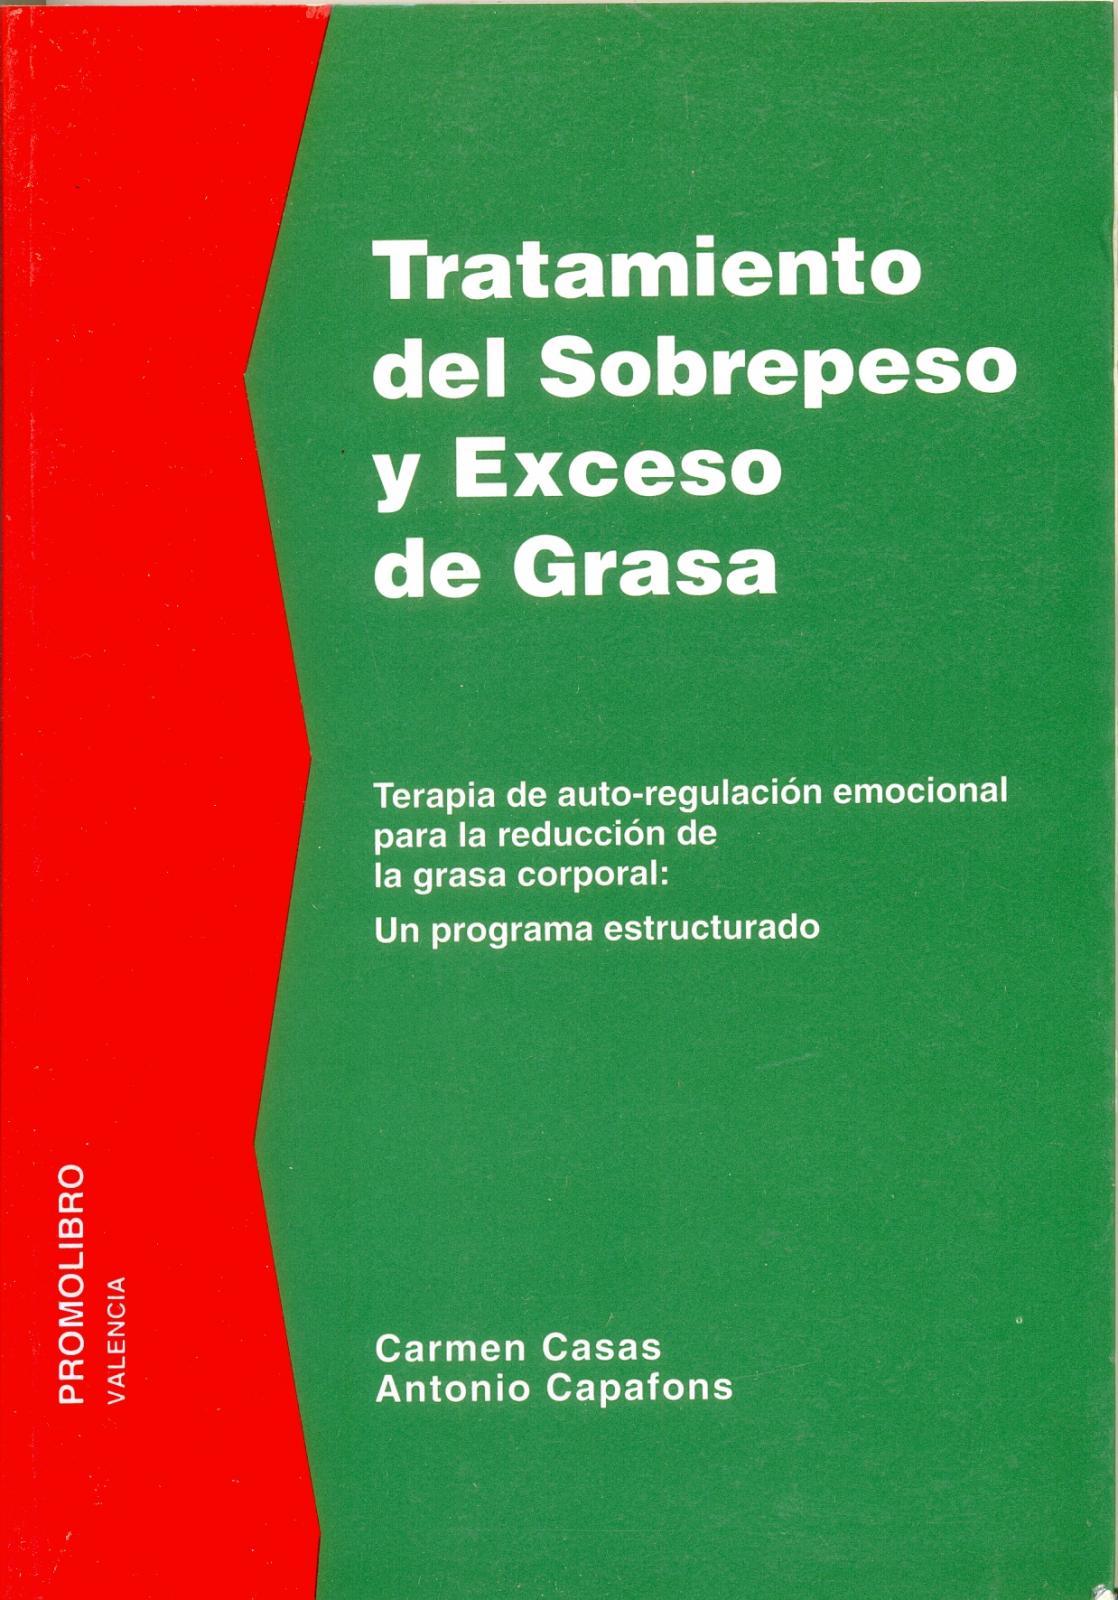 TRATAMIENTO DEL SOBREPESO Y EXCESO DE GRASA